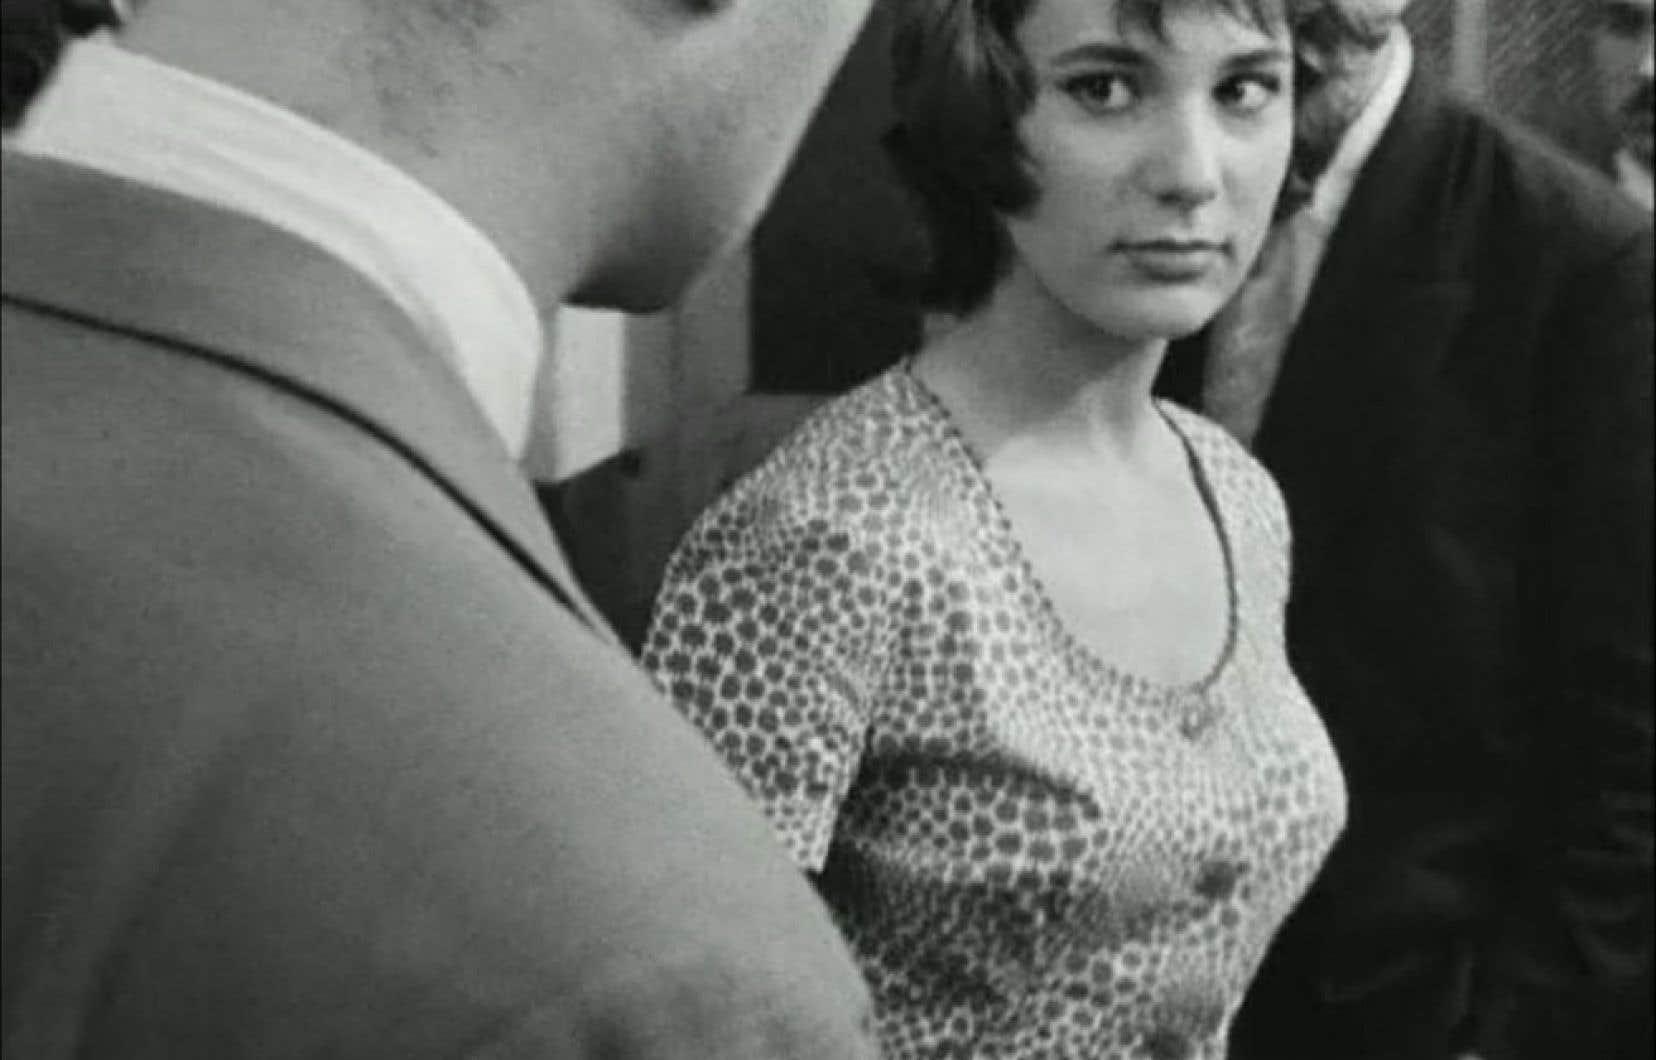 En 1958, Bernadette Lafont a captivé les cinéphiles dans Le beau Serge, le premier long métrage de Claude Chabrol. Cette image est tirée de la bande-annonce originale du film, qui a lancé la Nouvelle Vague.